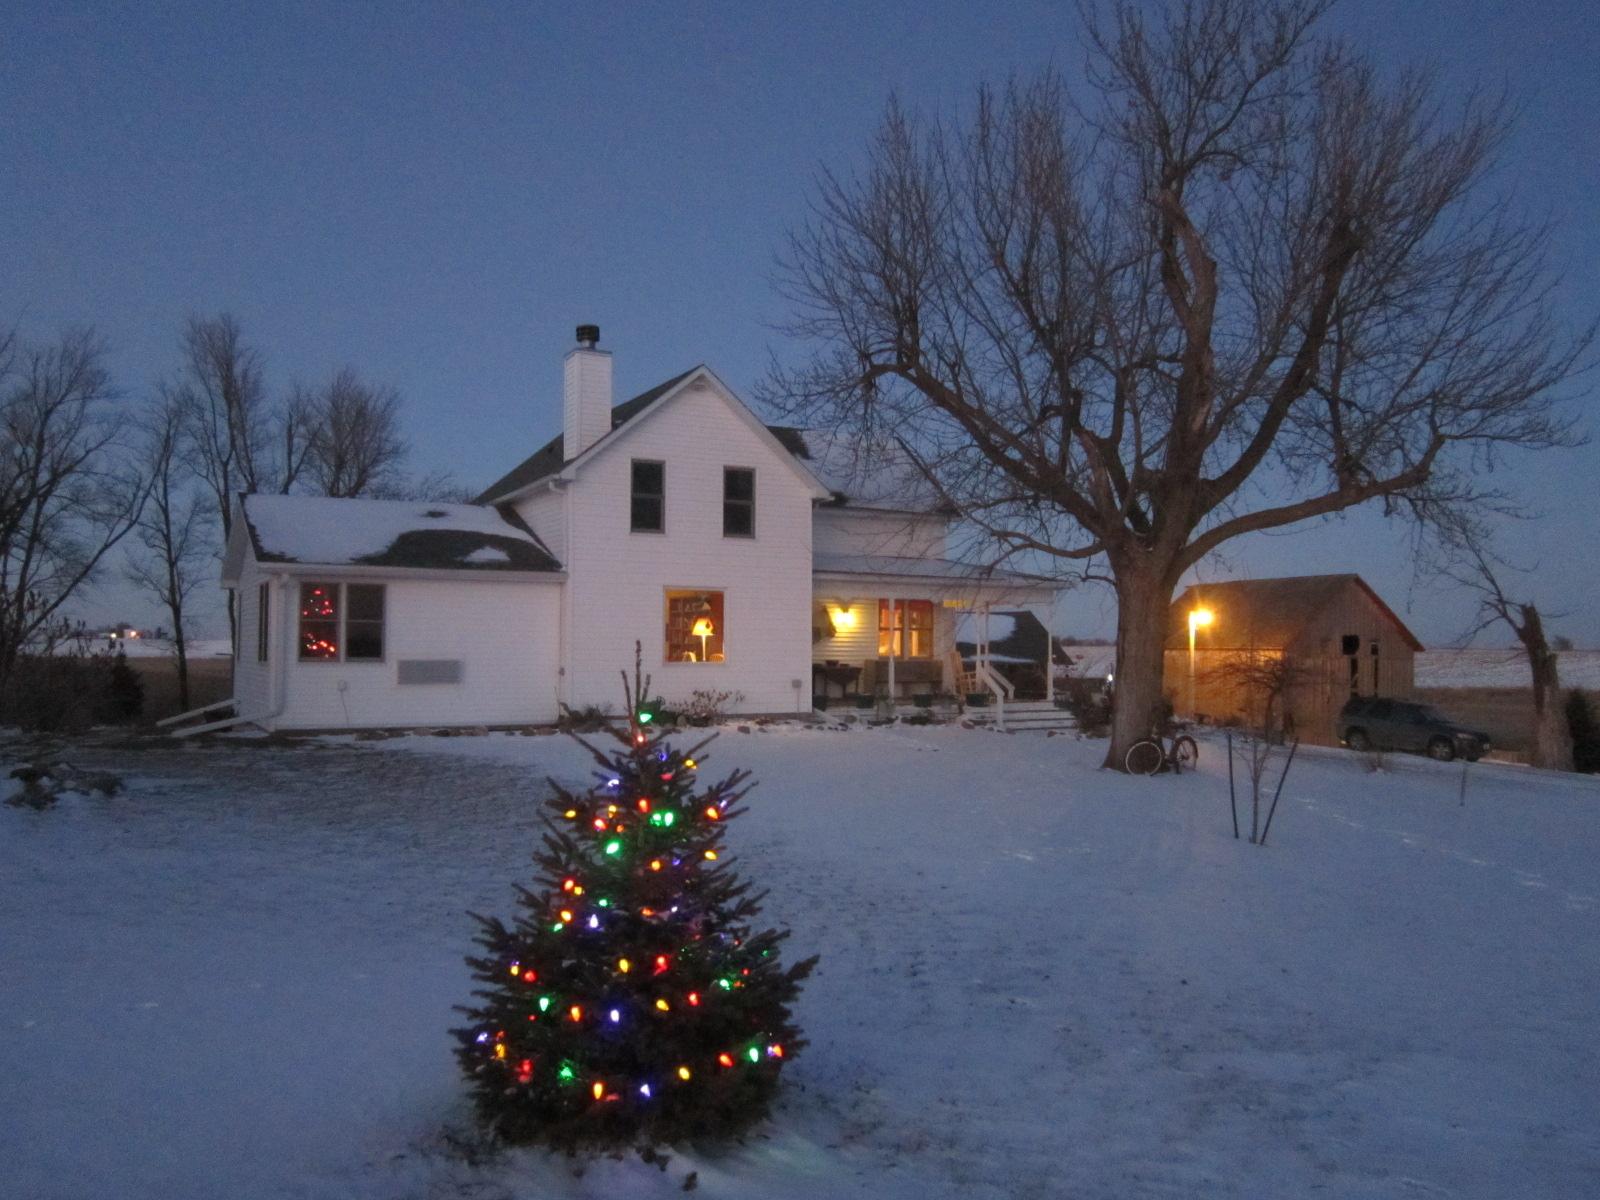 Farmhouse on Dec. 23.JPG